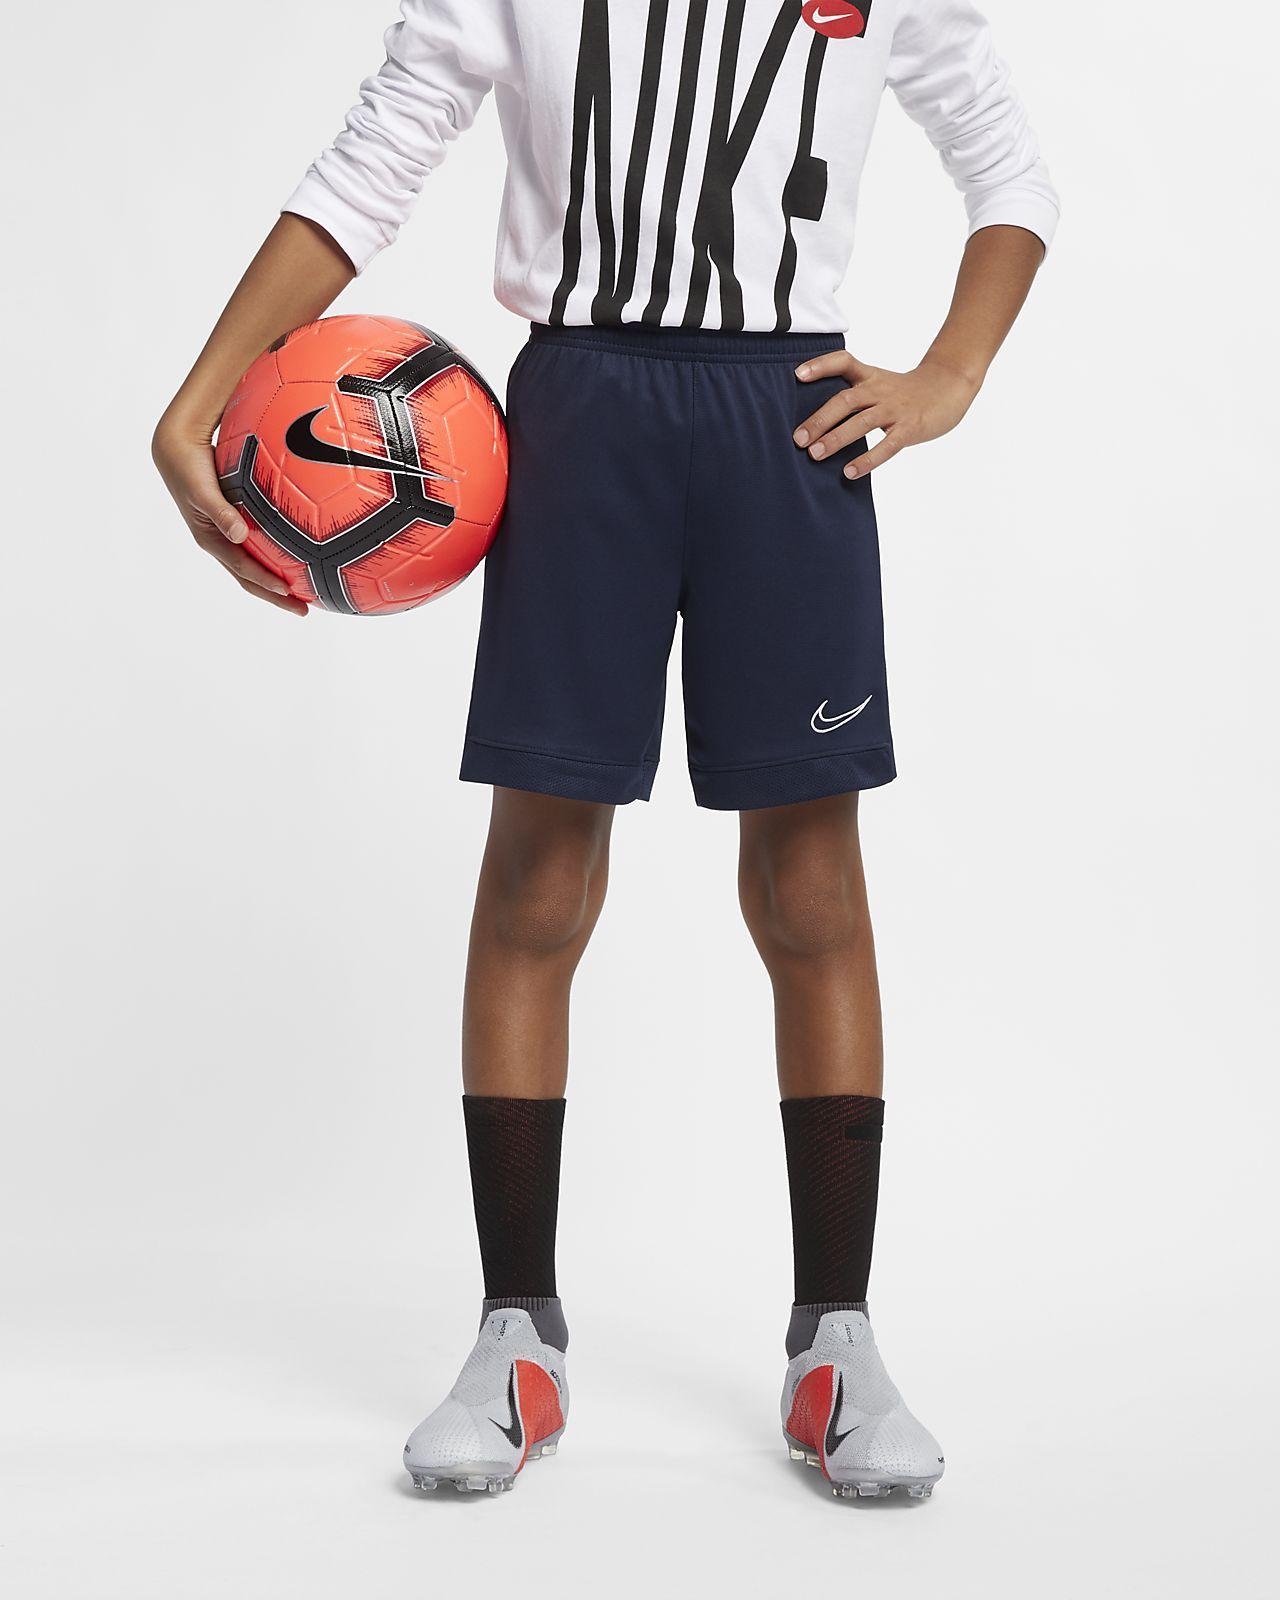 Ποδοσφαιρικό σορτς Nike Dri-FIT Academy για μεγάλα παιδιά